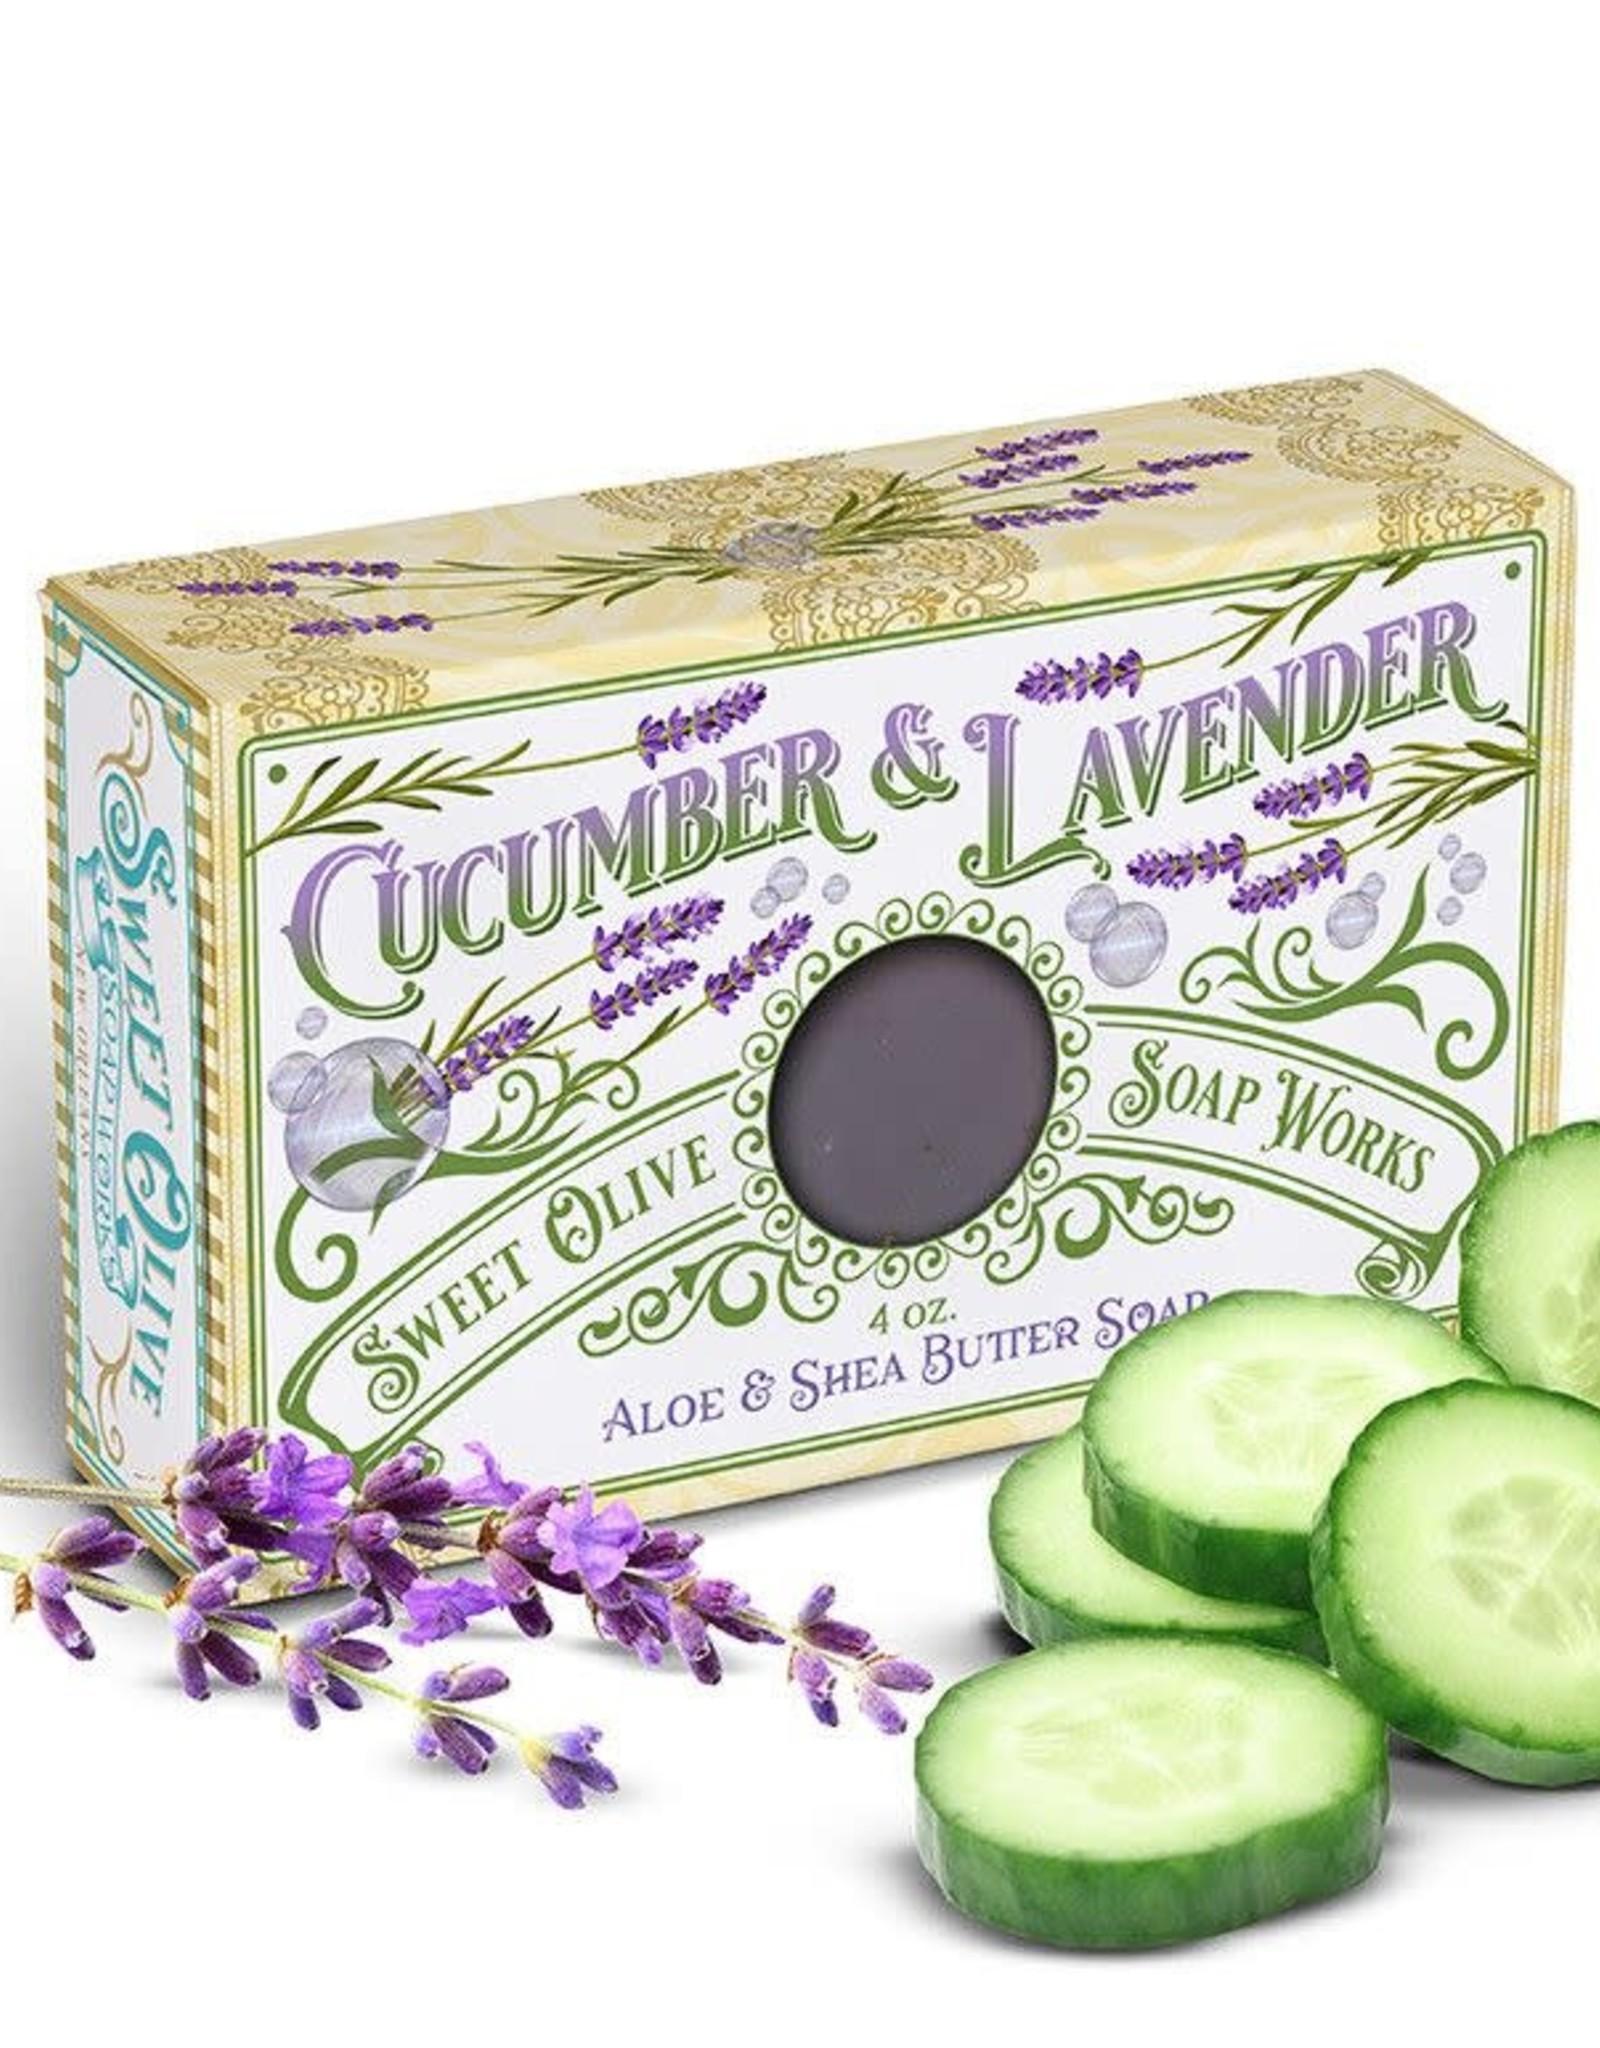 Sweet Olive Soap Works Cucumber & Lavender  Bar Soap